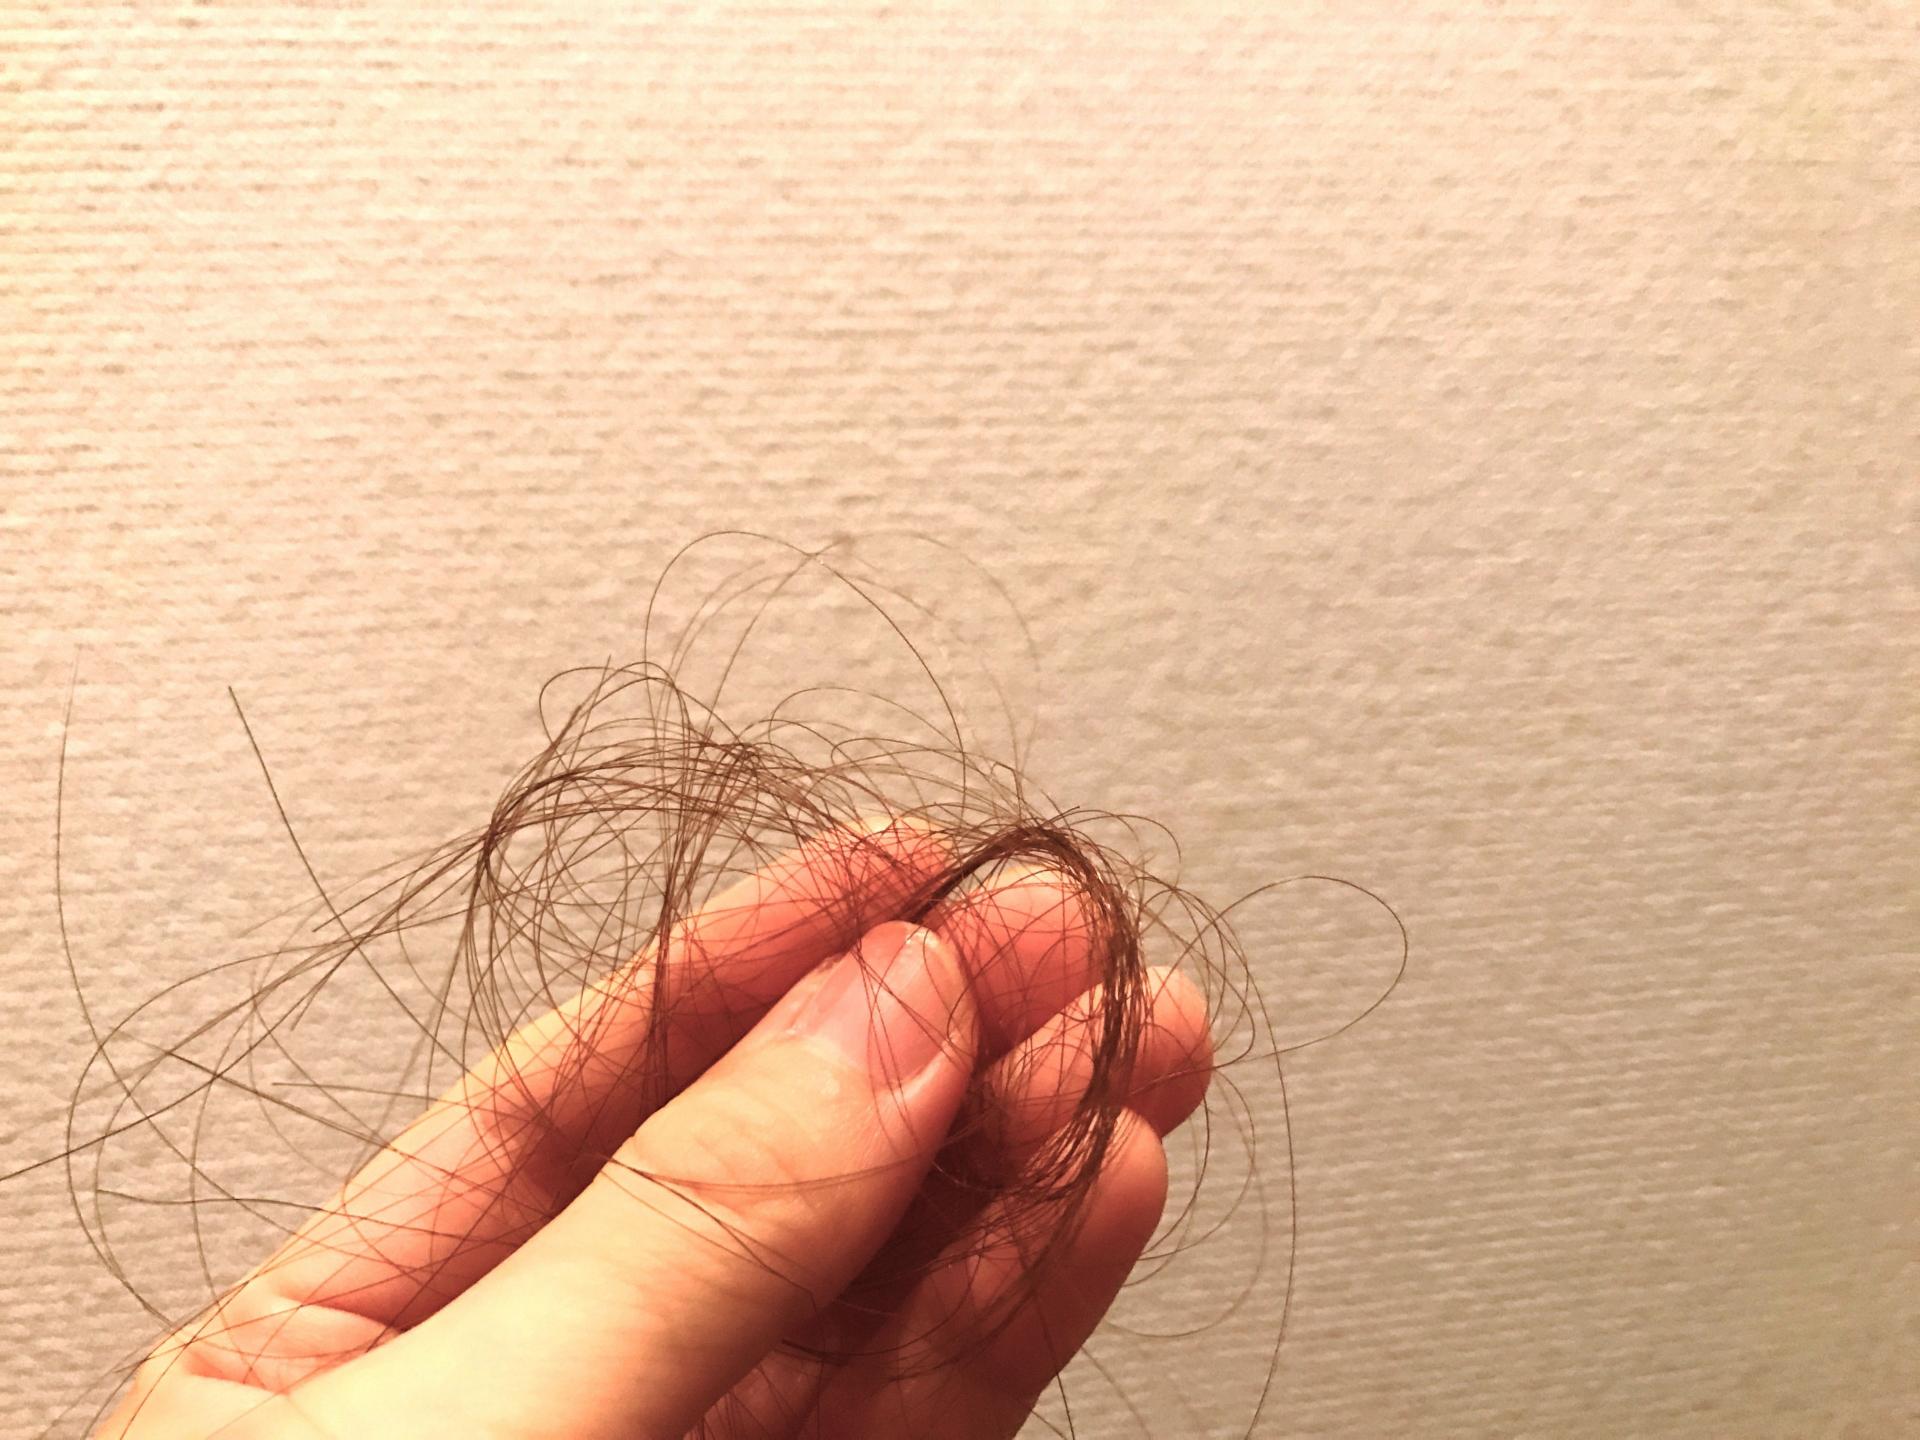 秋は抜け毛の季節?!サムネイル